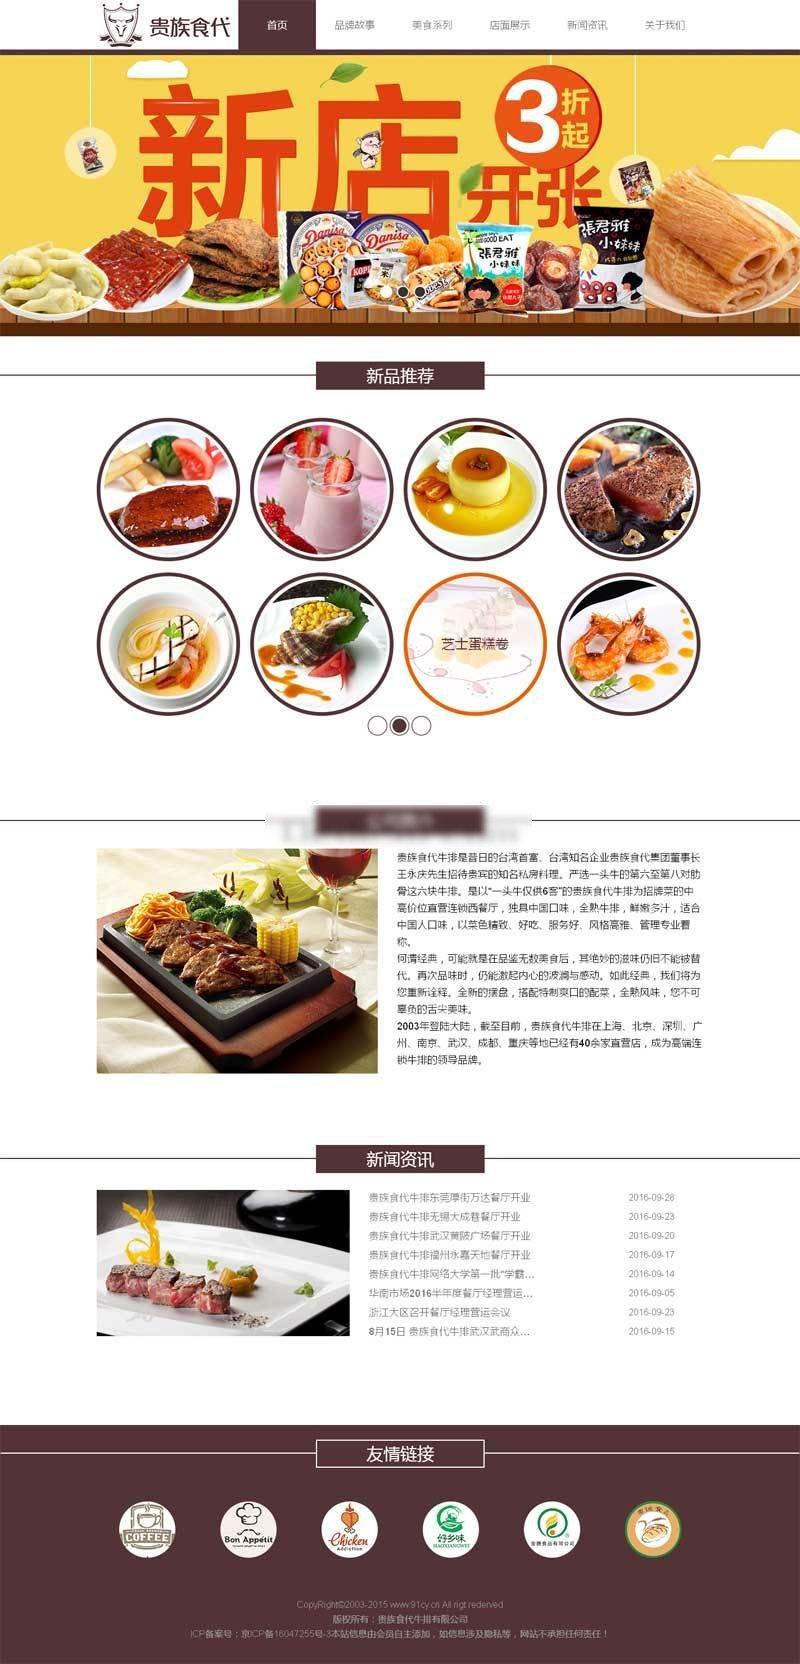 简单的牛排美食餐厅网站静态模板下载